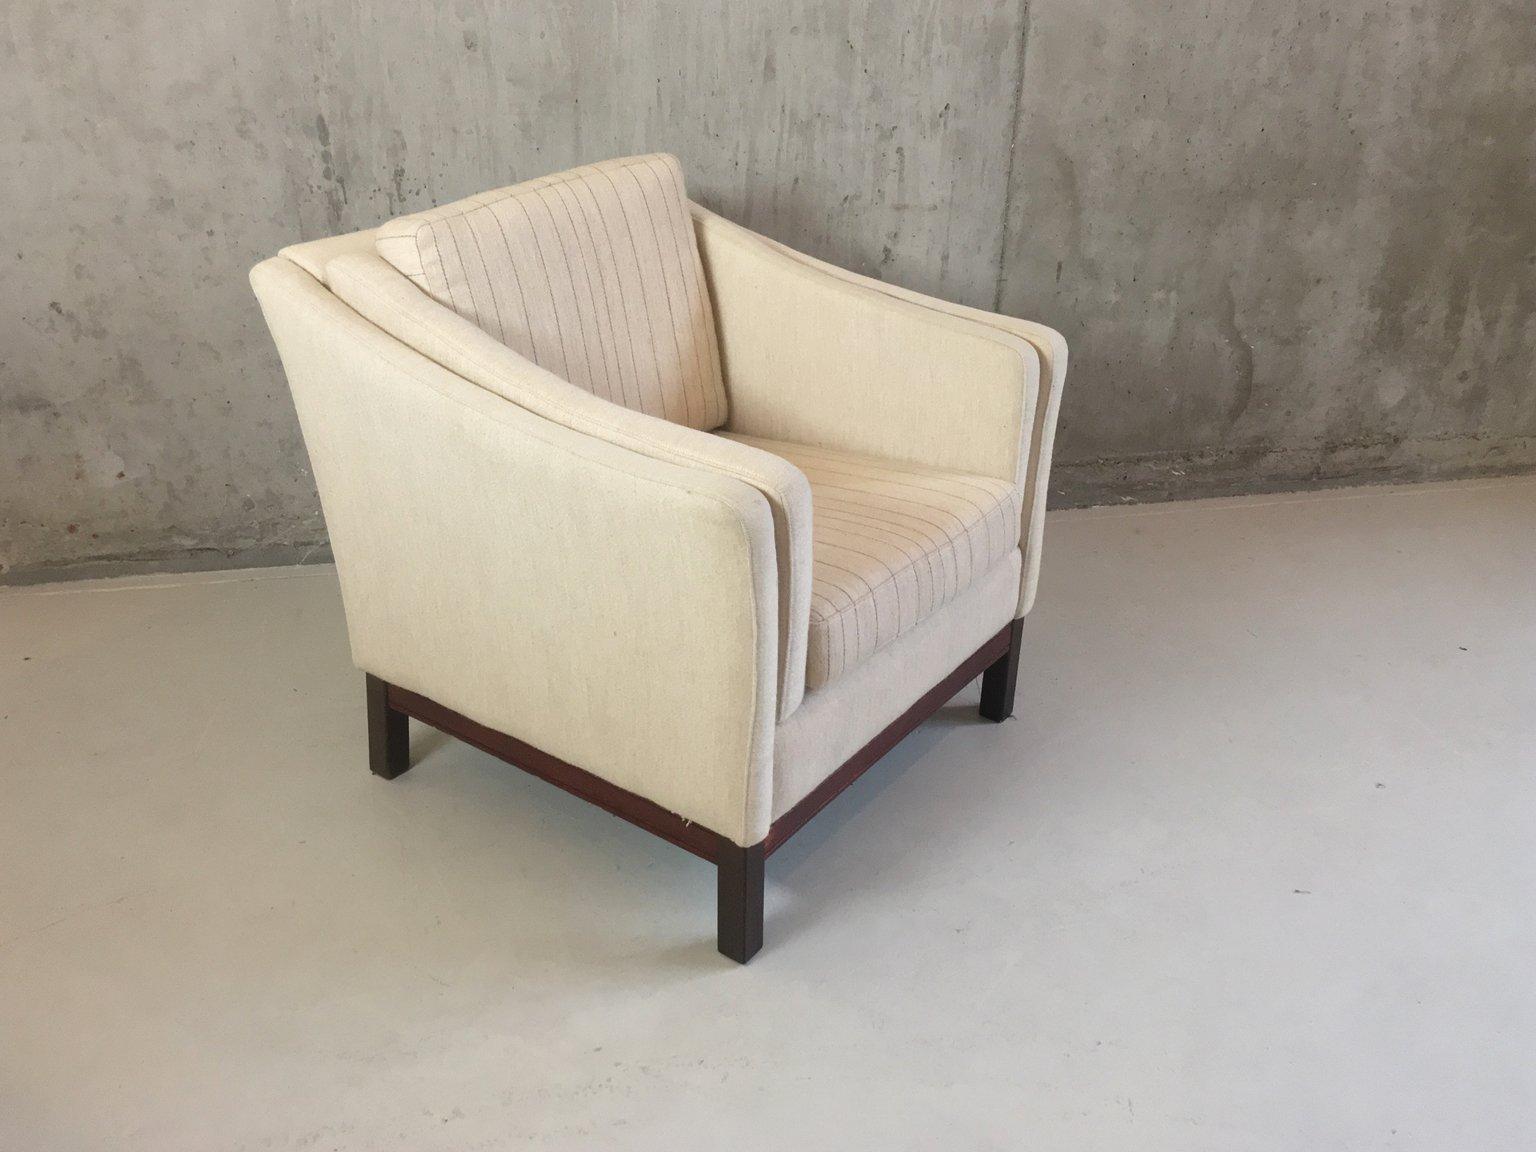 moderner mid century sessel mit hohen armlehnen 1970er. Black Bedroom Furniture Sets. Home Design Ideas